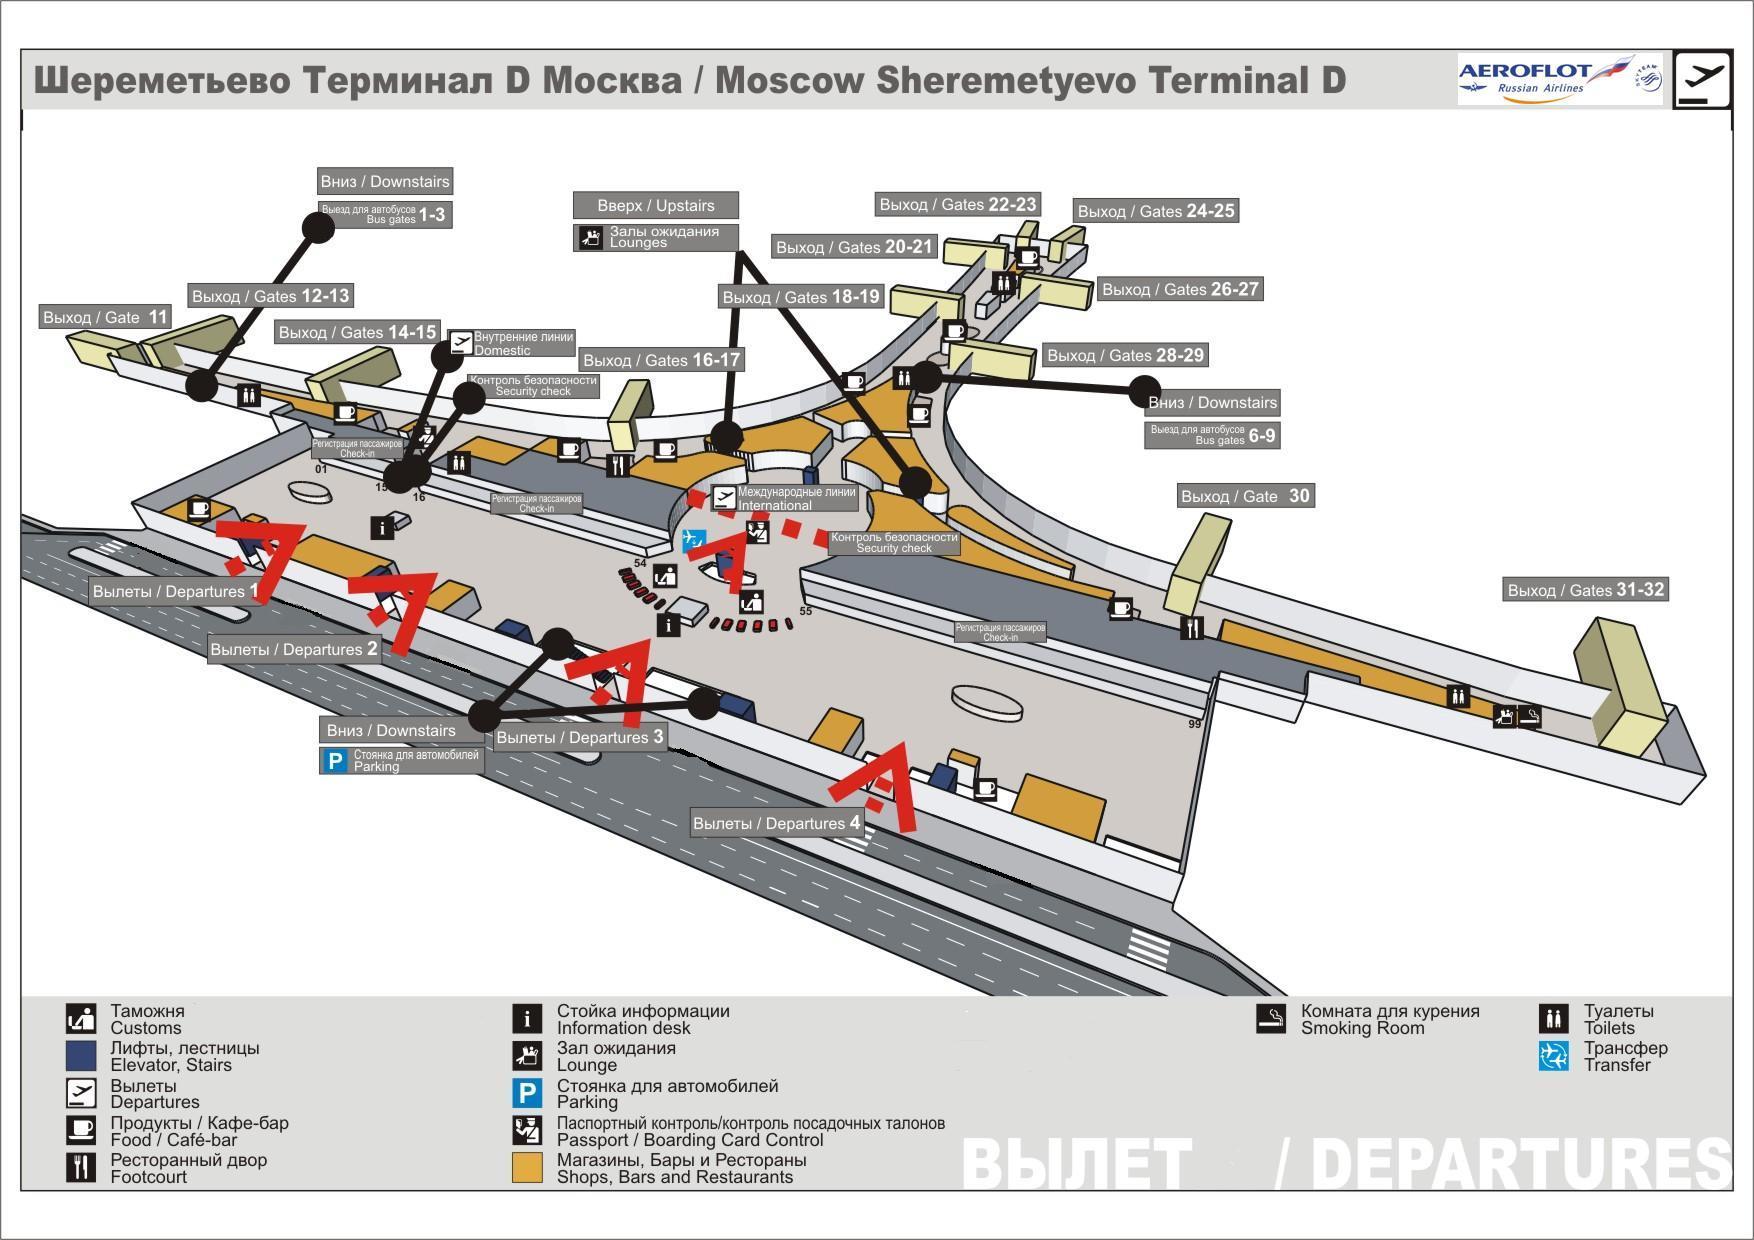 Аэропорт шереметьево схема аэропорта терминал d